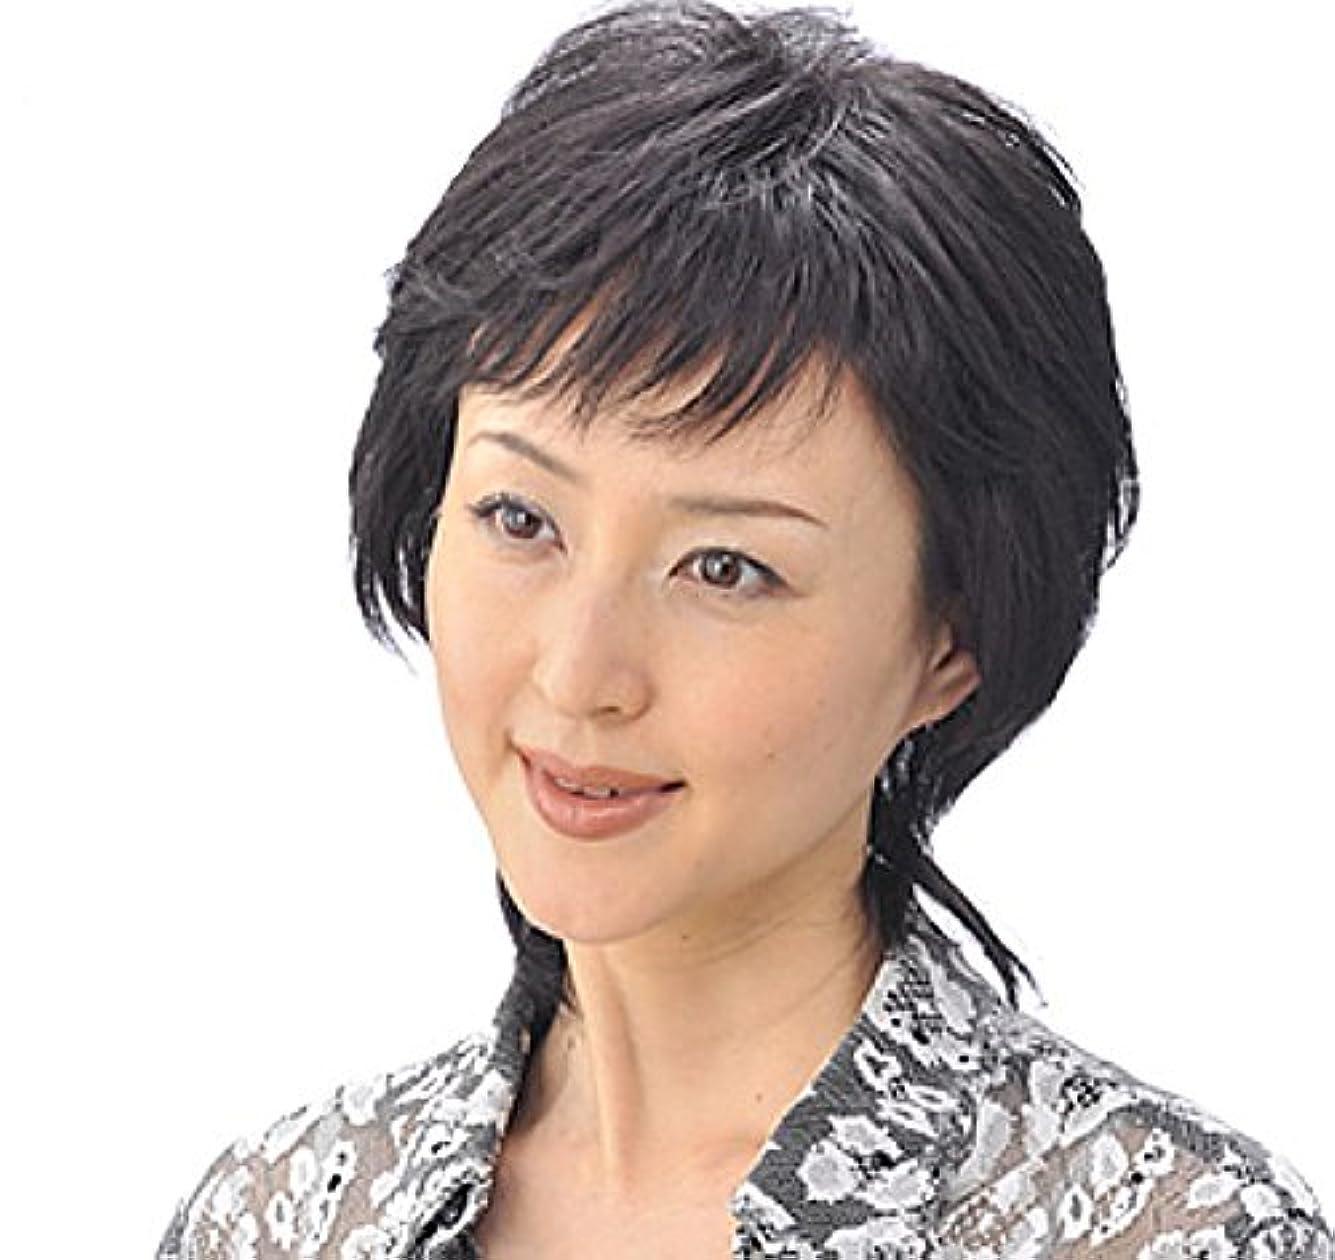 タイムリーなタクト首相人毛100% ヘアモアピースHM-10 (白髪60%)